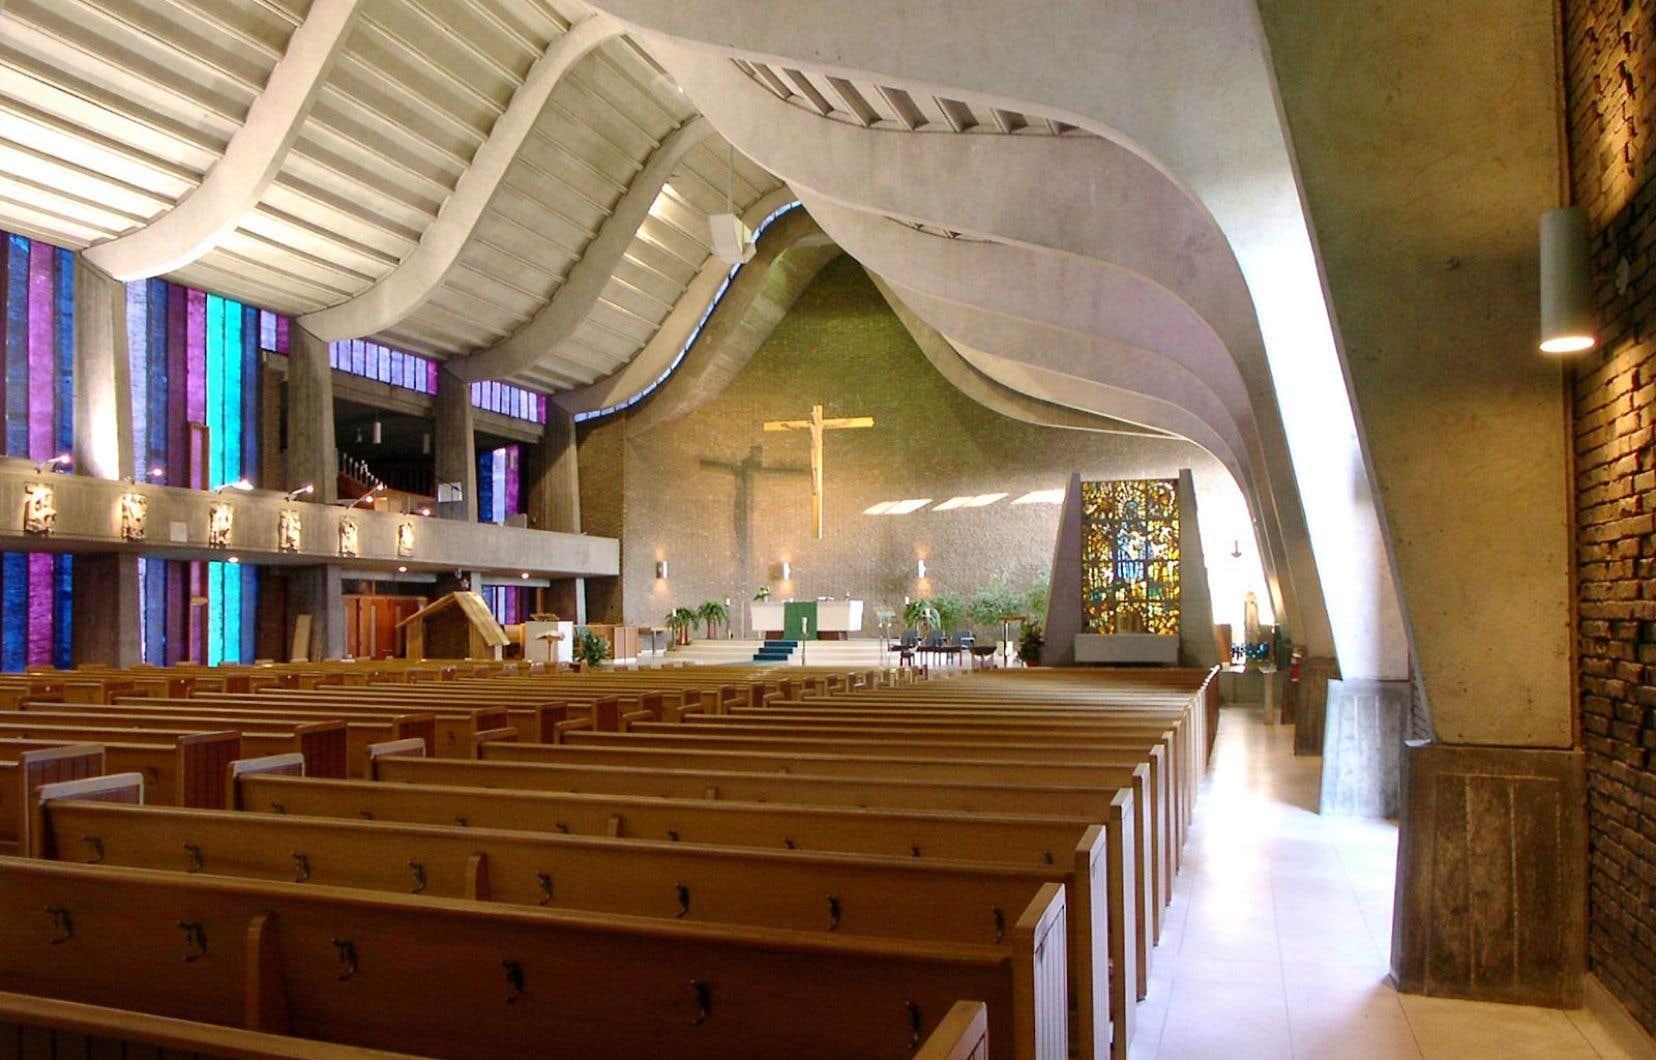 Construite en 1962 selon les plans de l'architecte Guy Desbarats, l'église Saint-Gérard-Majella a reçu la cote la plus élevée du Conseil du patrimoine religieux du Québec en raison de son architecture exceptionnelle.